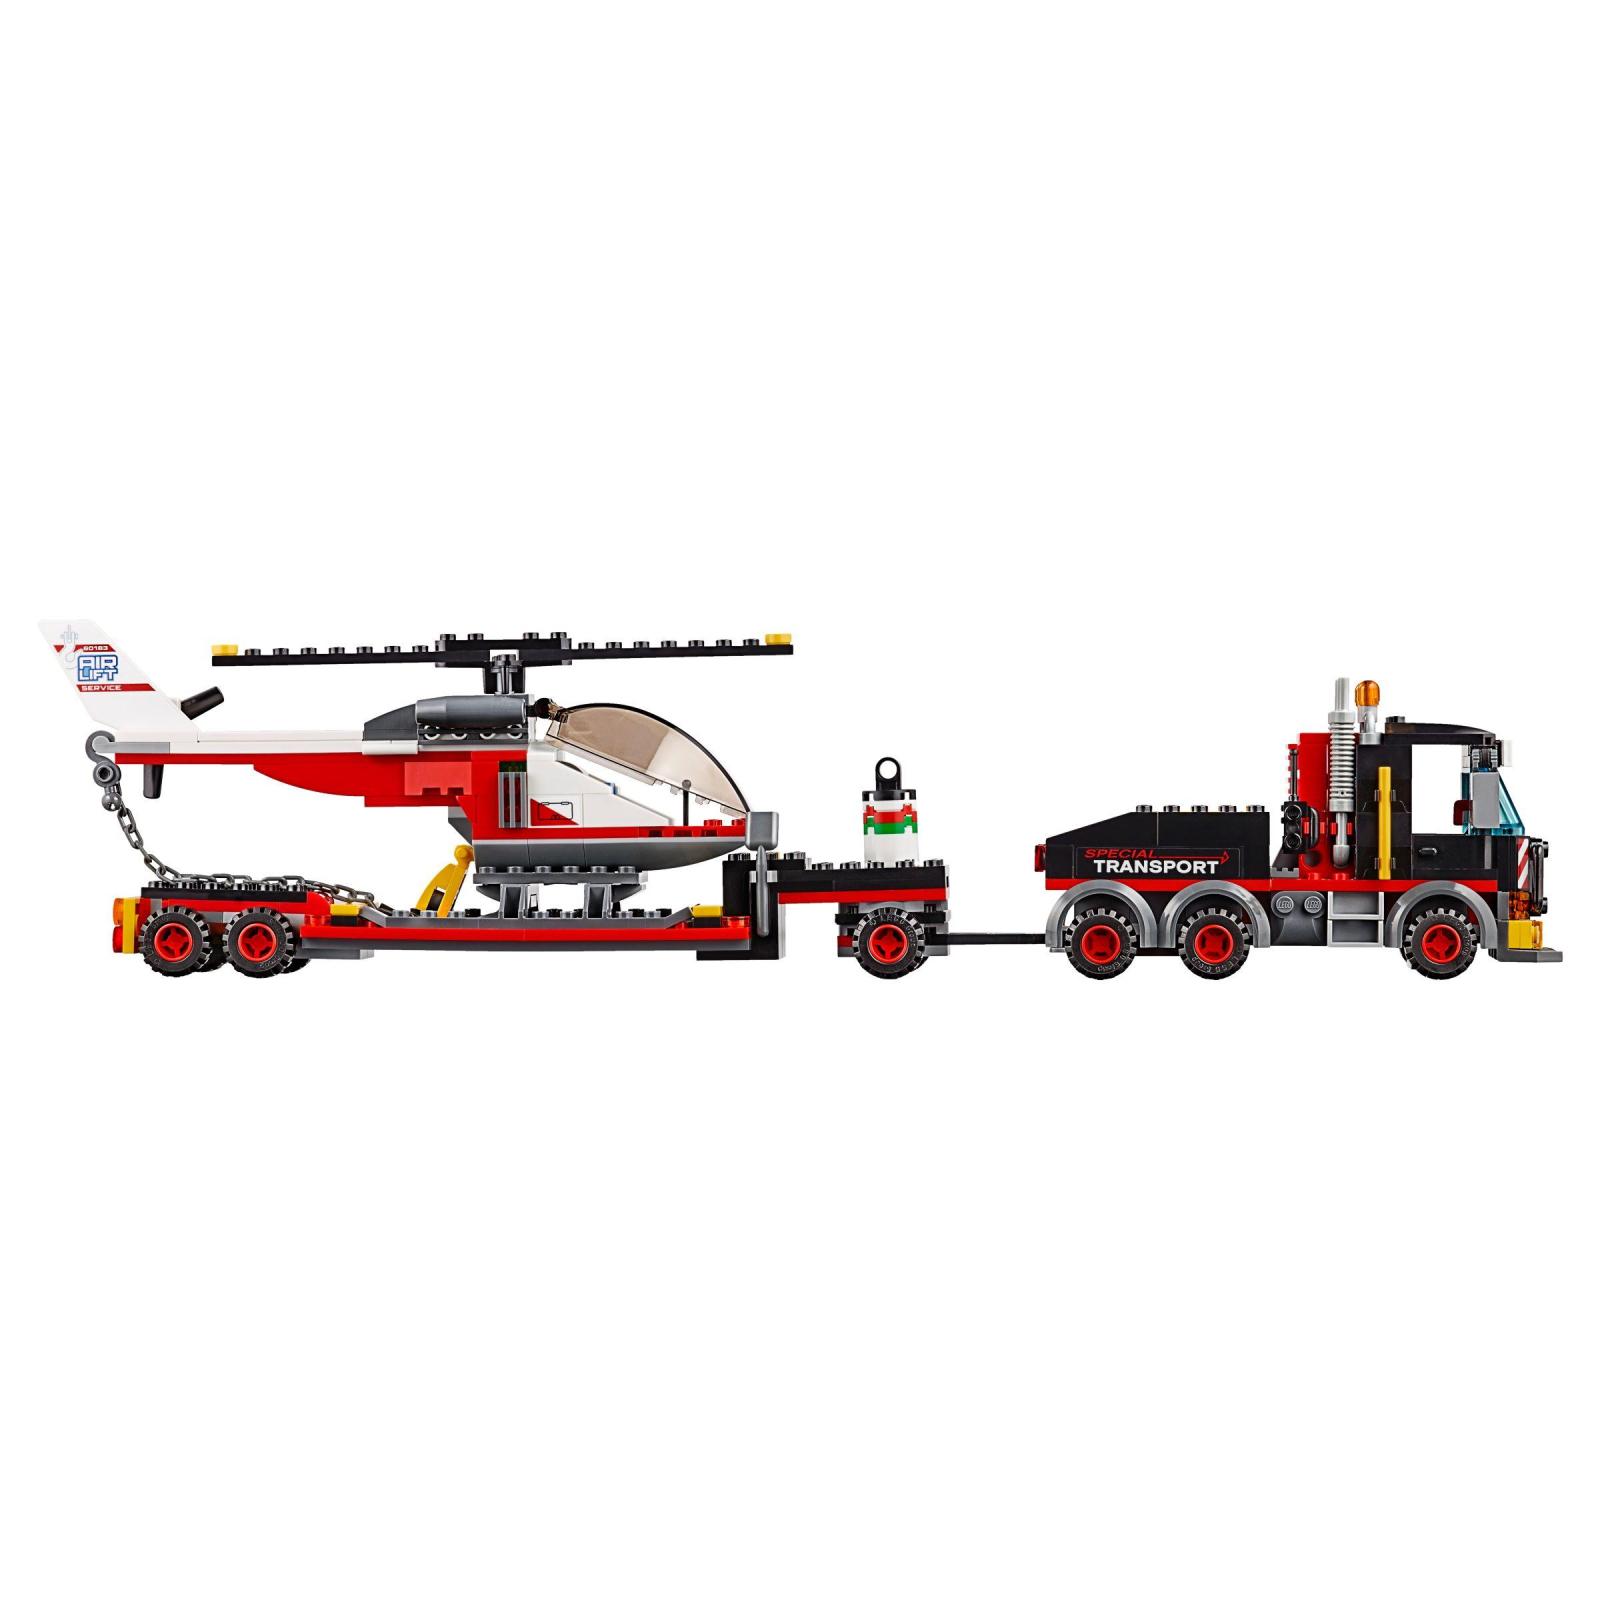 Конструктор LEGO City Перевозка тяжелых грузов (60183) изображение 4